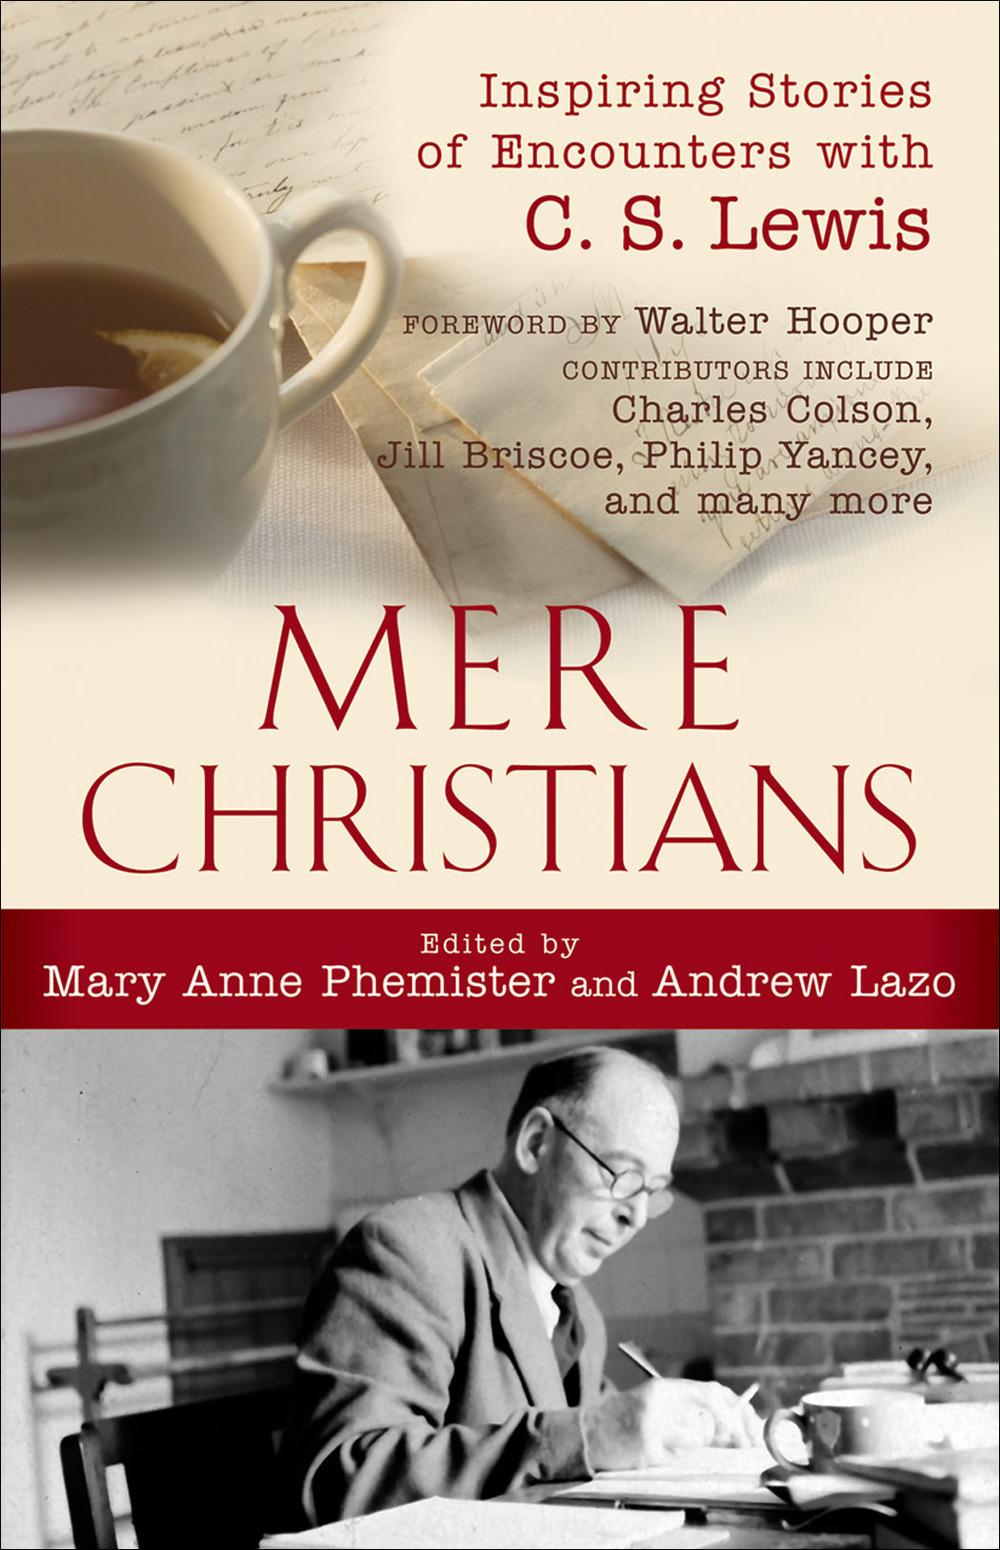 Mere-Christians-cover.jpg